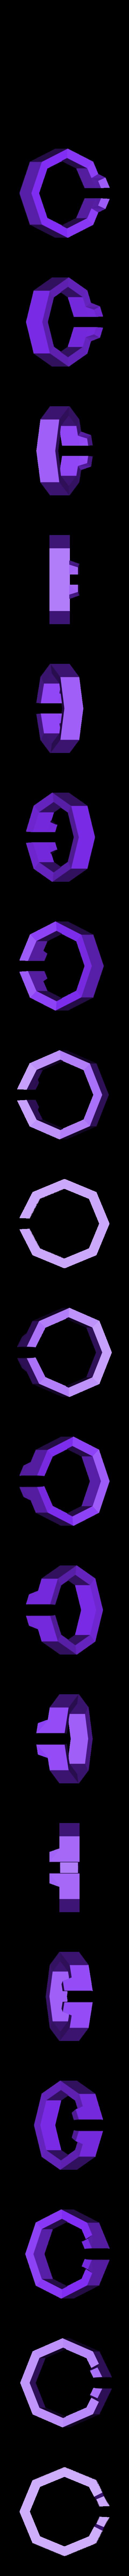 Octogram_ring.stl Télécharger fichier STL gratuit Bague - Octogramme • Objet à imprimer en 3D, DoloresSegura